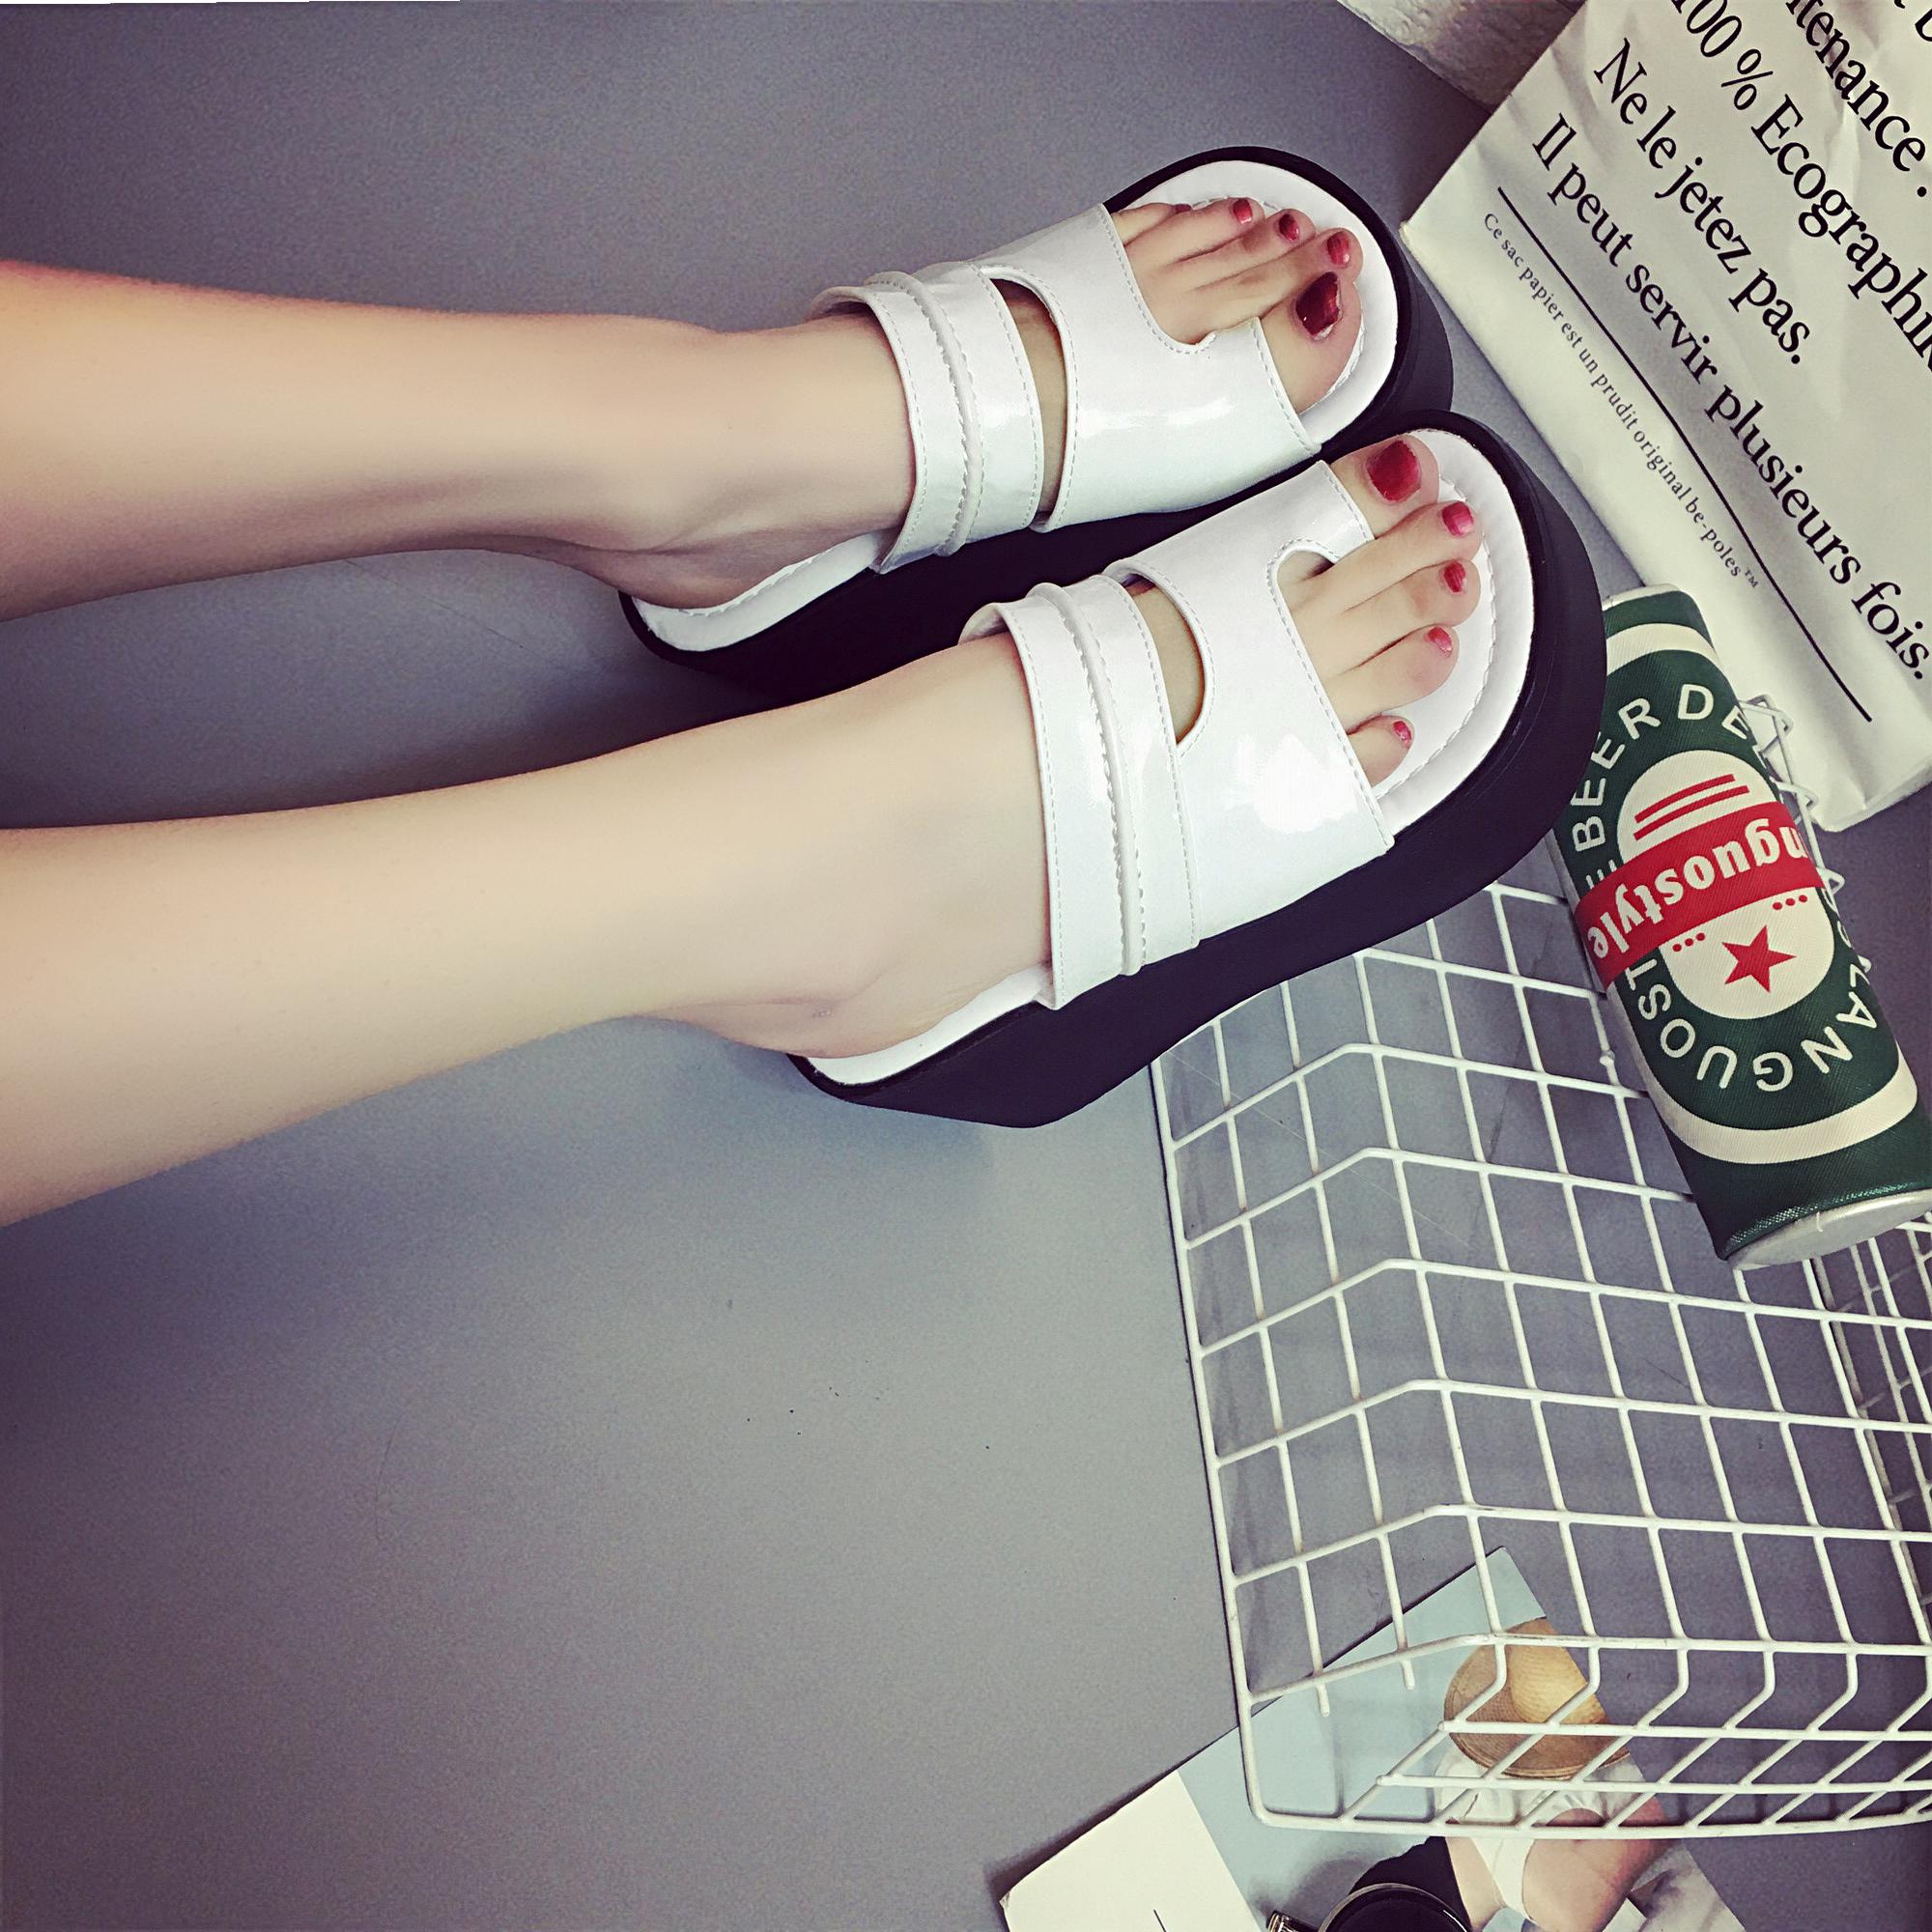 韩版坡跟鞋 2018夏季松糕跟女鞋厚底女防滑套趾凉拖鞋韩版坡跟高跟夹趾凉鞋潮_推荐淘宝好看的韩版坡跟鞋